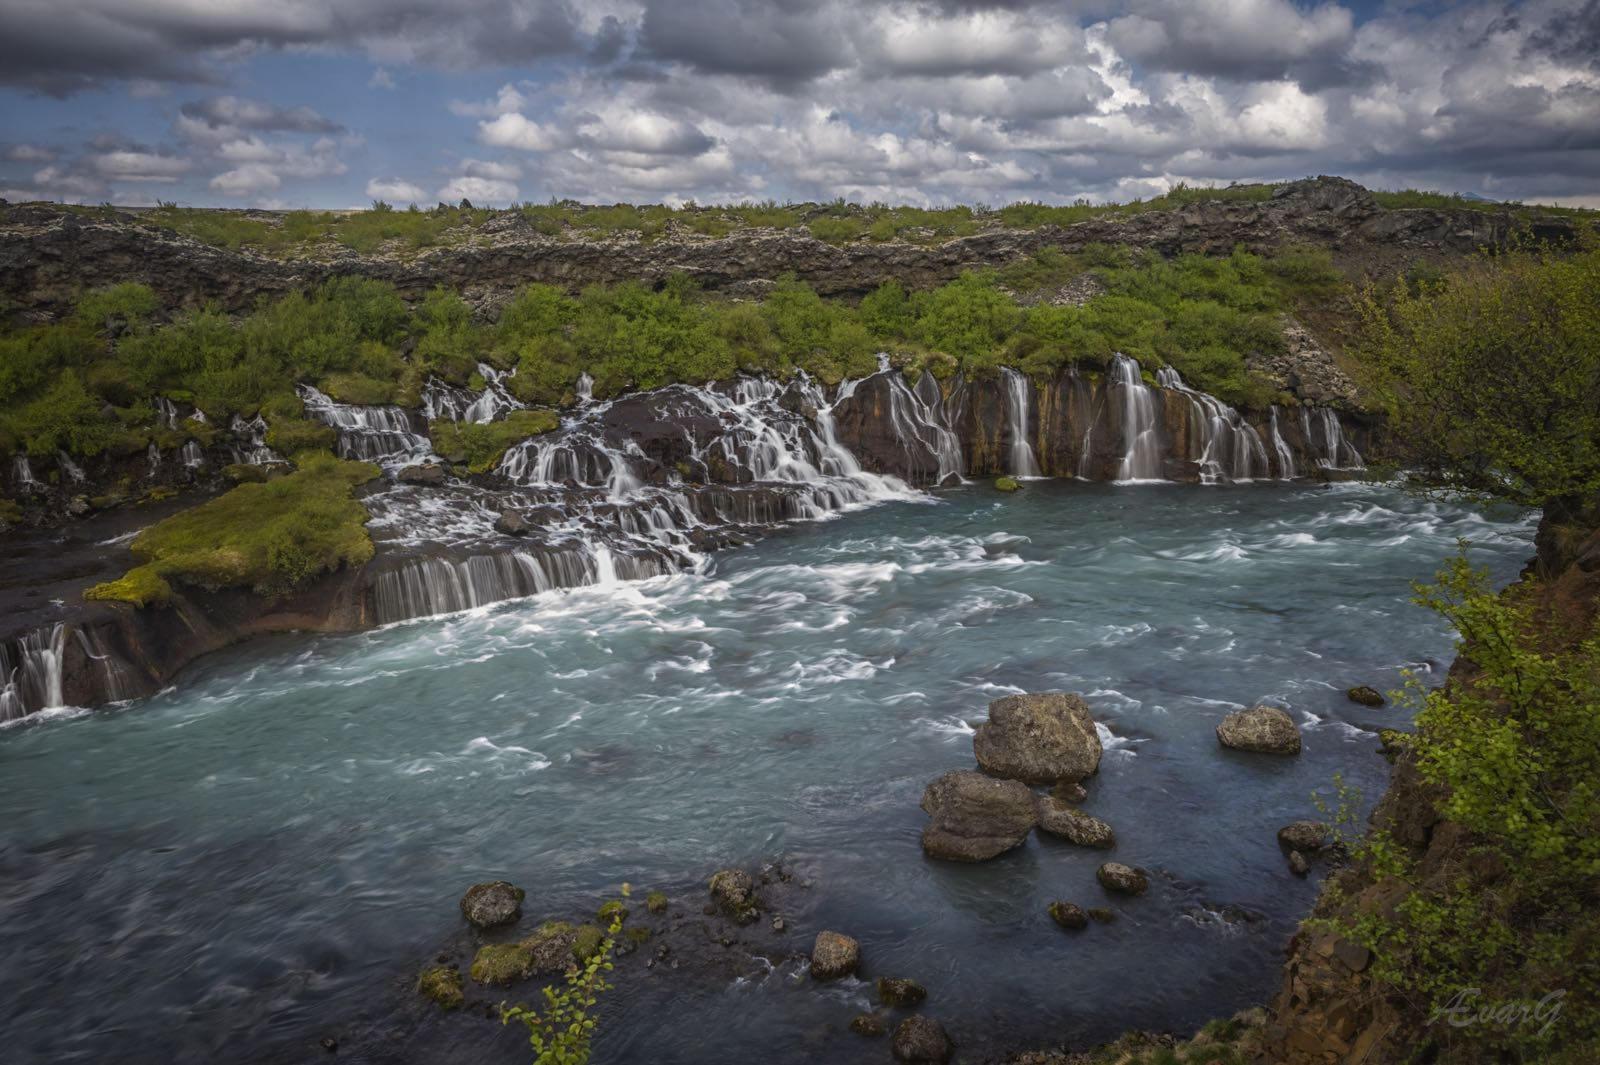 น้ำตกเฮินฟอซซาร์ มีสายน้ำไหลออกมาจากทุ่งลาวาผืนกว้างในทางตะวันออกของไอซ์แลนด์ดูเหมือนเป็นลำธารเล็กๆ มากมาย